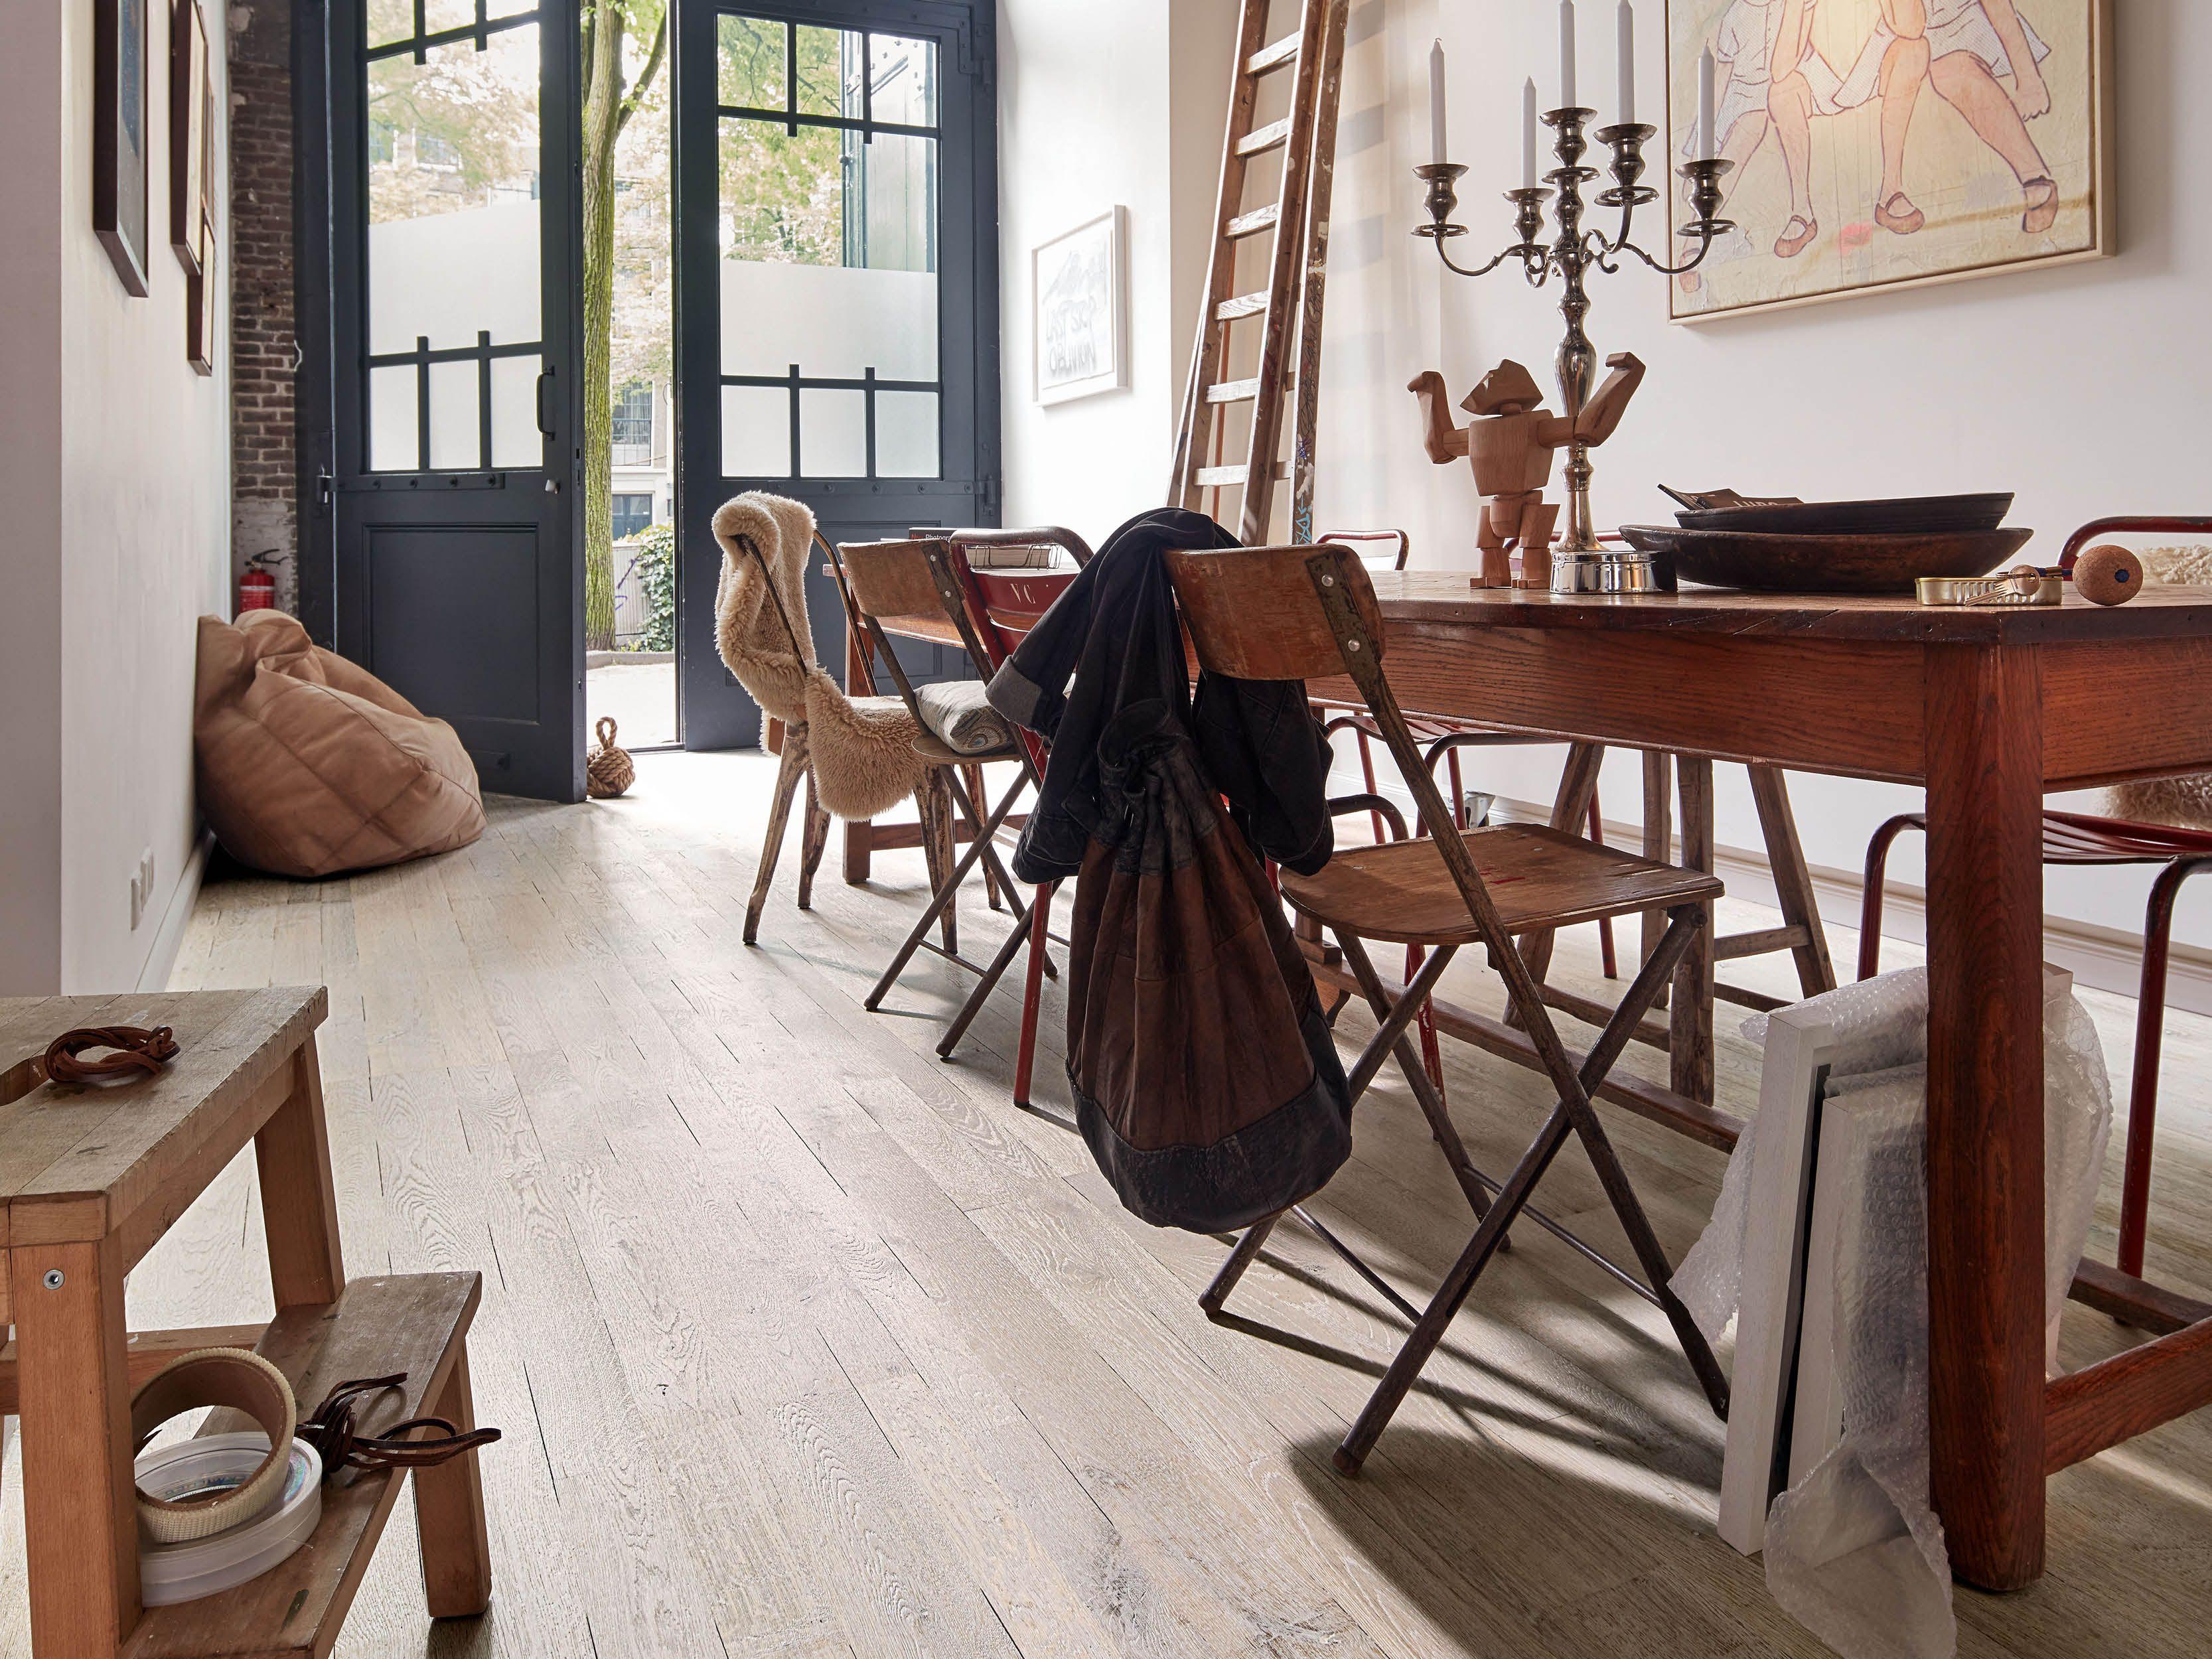 Interieur - vloeren   Vloeren   Pinterest